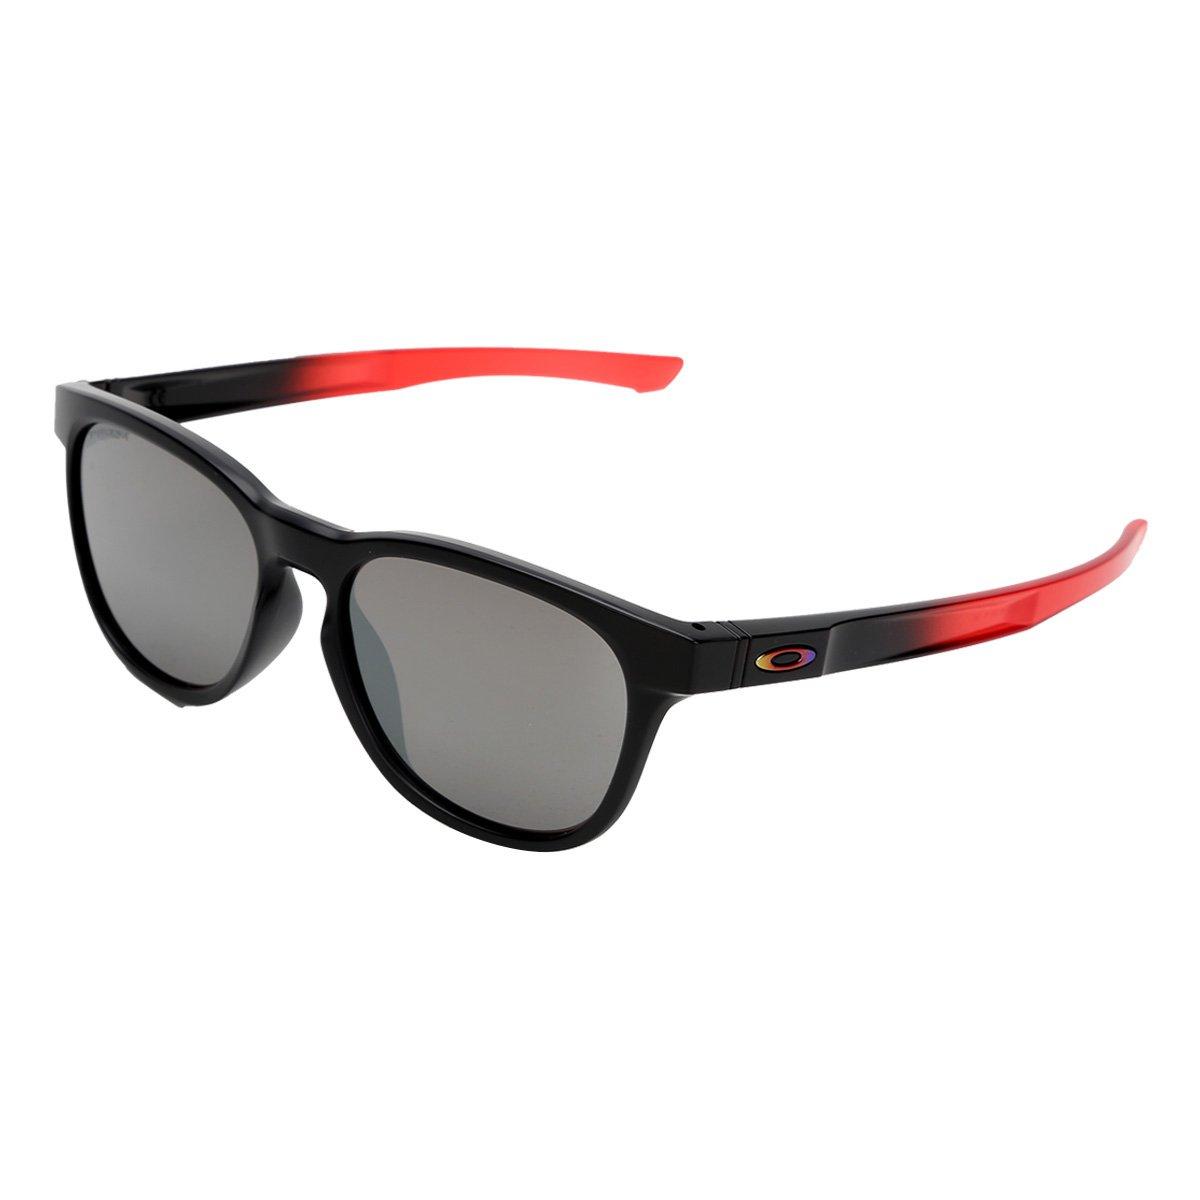 73aa94516f433 Óculos de Sol Oakley Stringer Masculino - Compre Agora   Netshoes